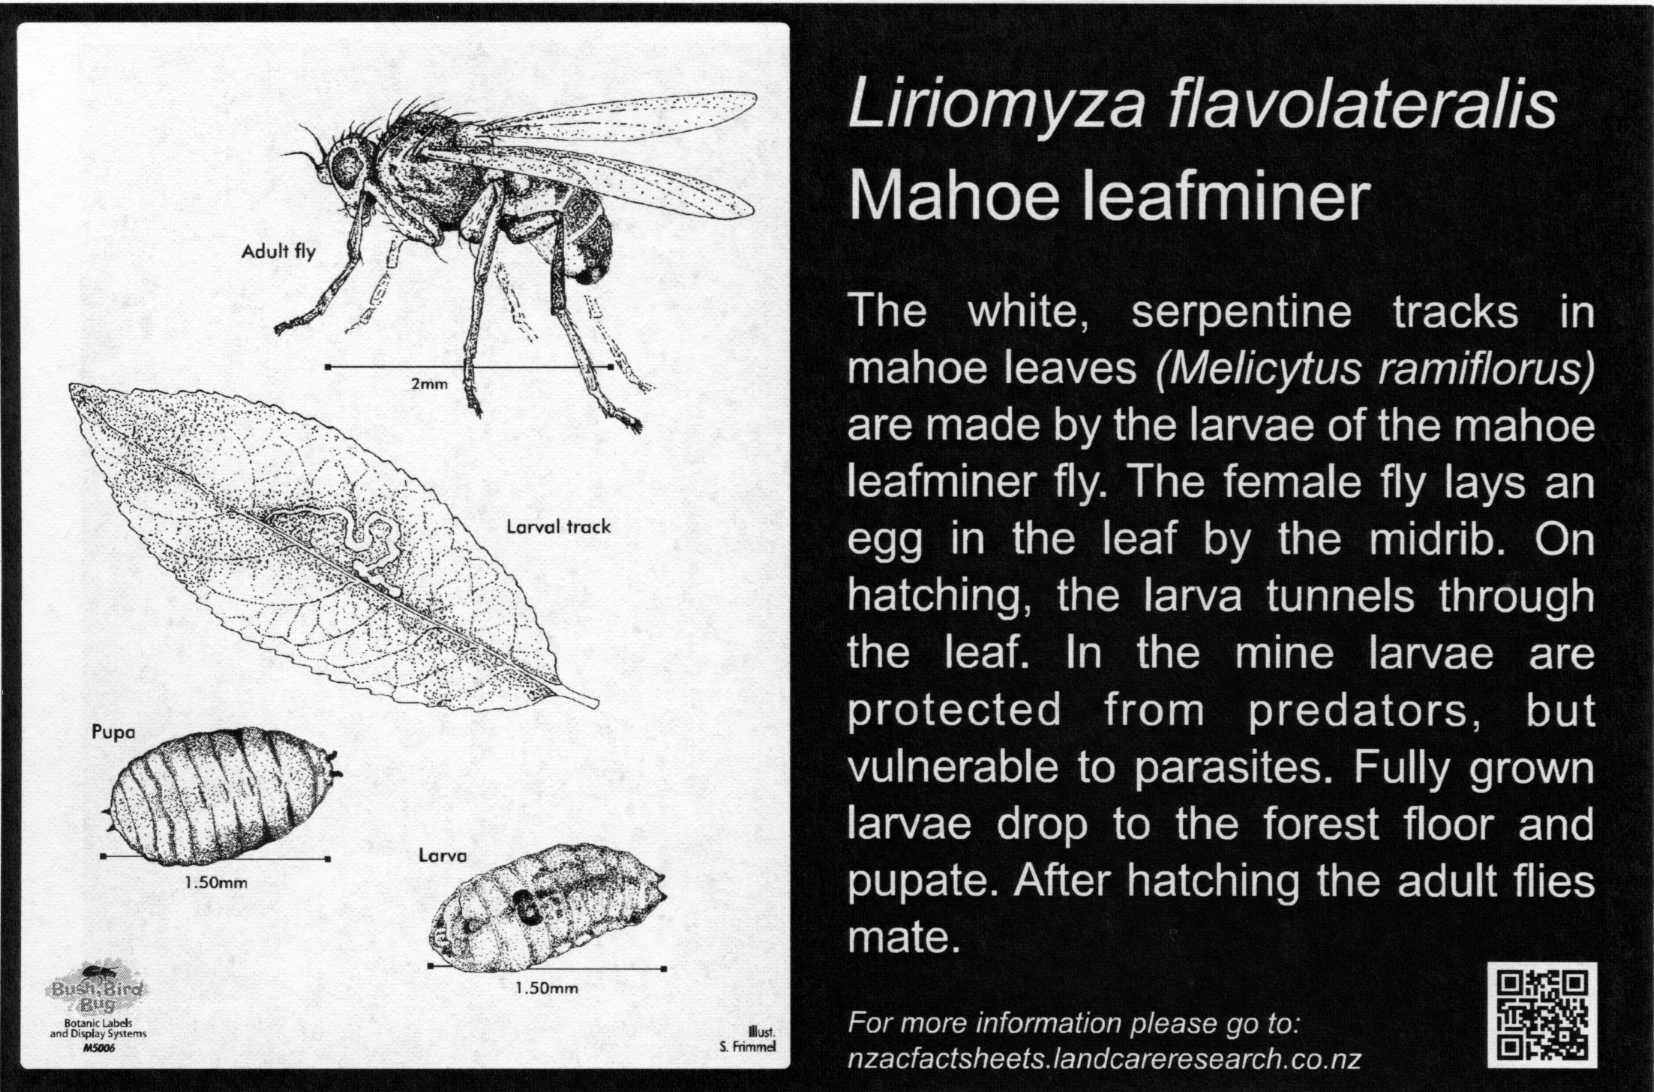 Mahoe leaf miner, Liriomyza flavolateralis